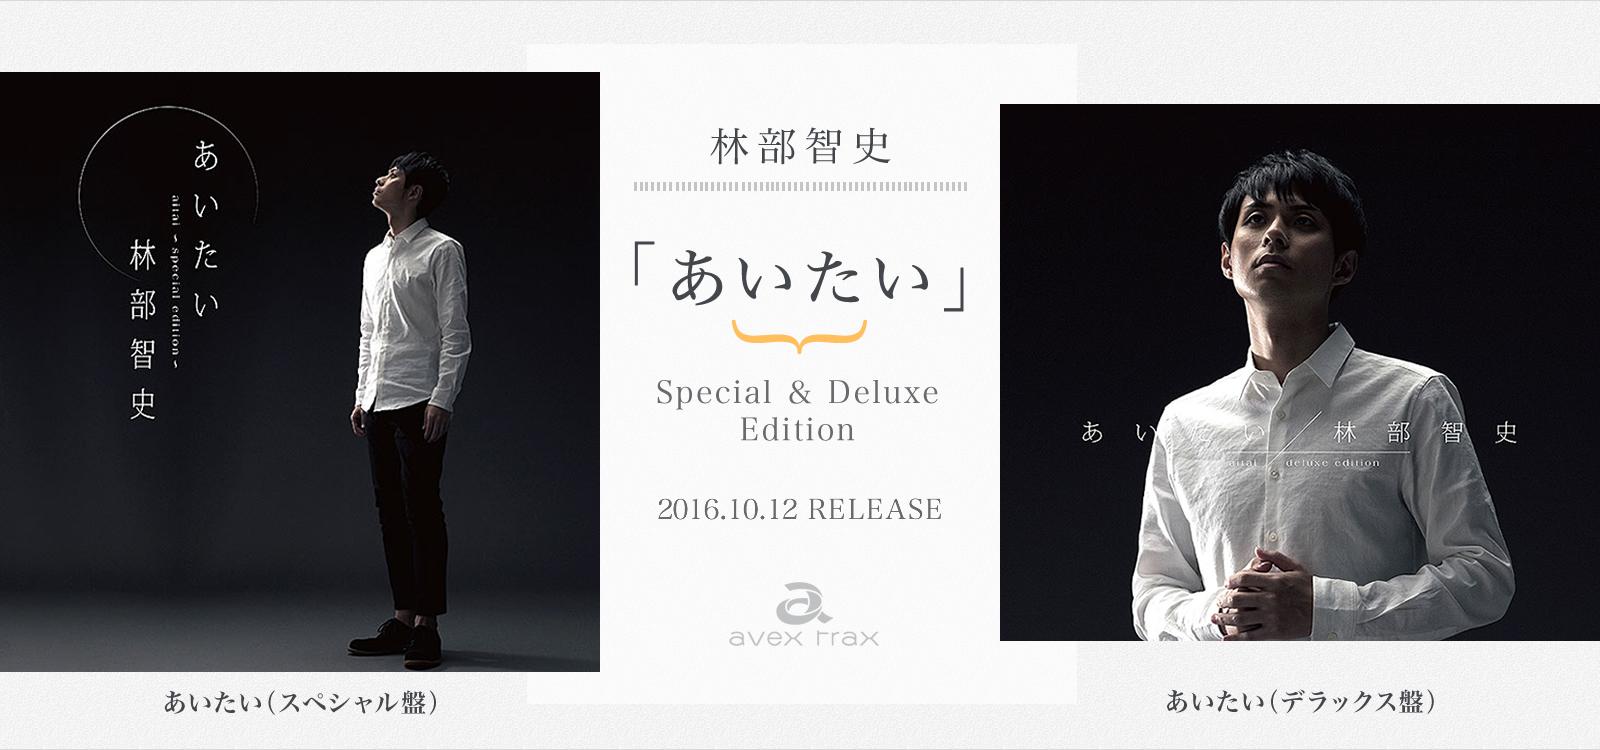 メジャーデビューシングル「あいたい」スペシャル盤 デラックス盤